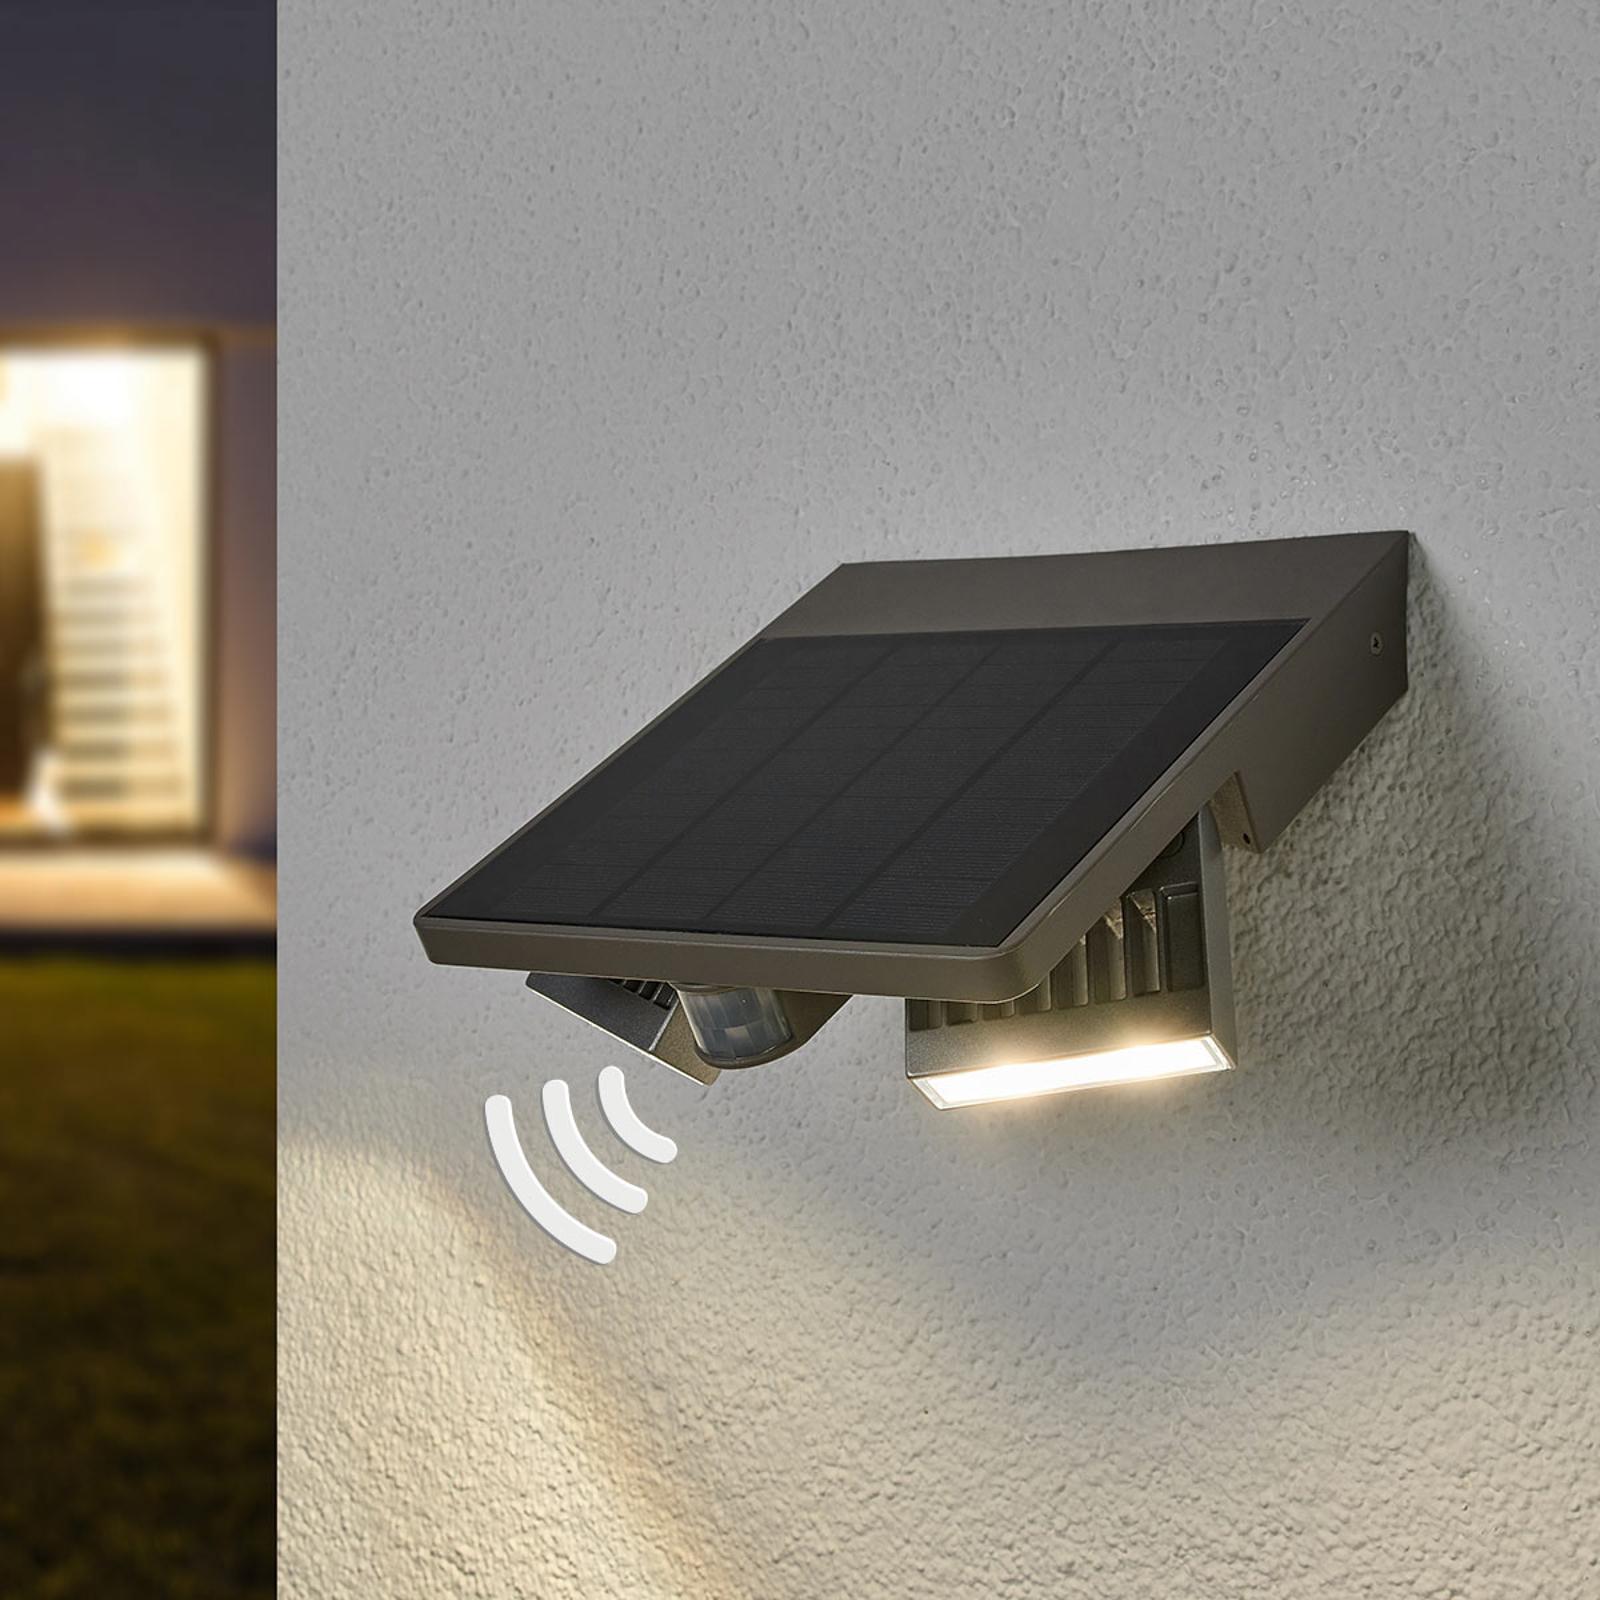 LED vonkajšia nástenná lampa Ghost Solar, snímač_3006236_1